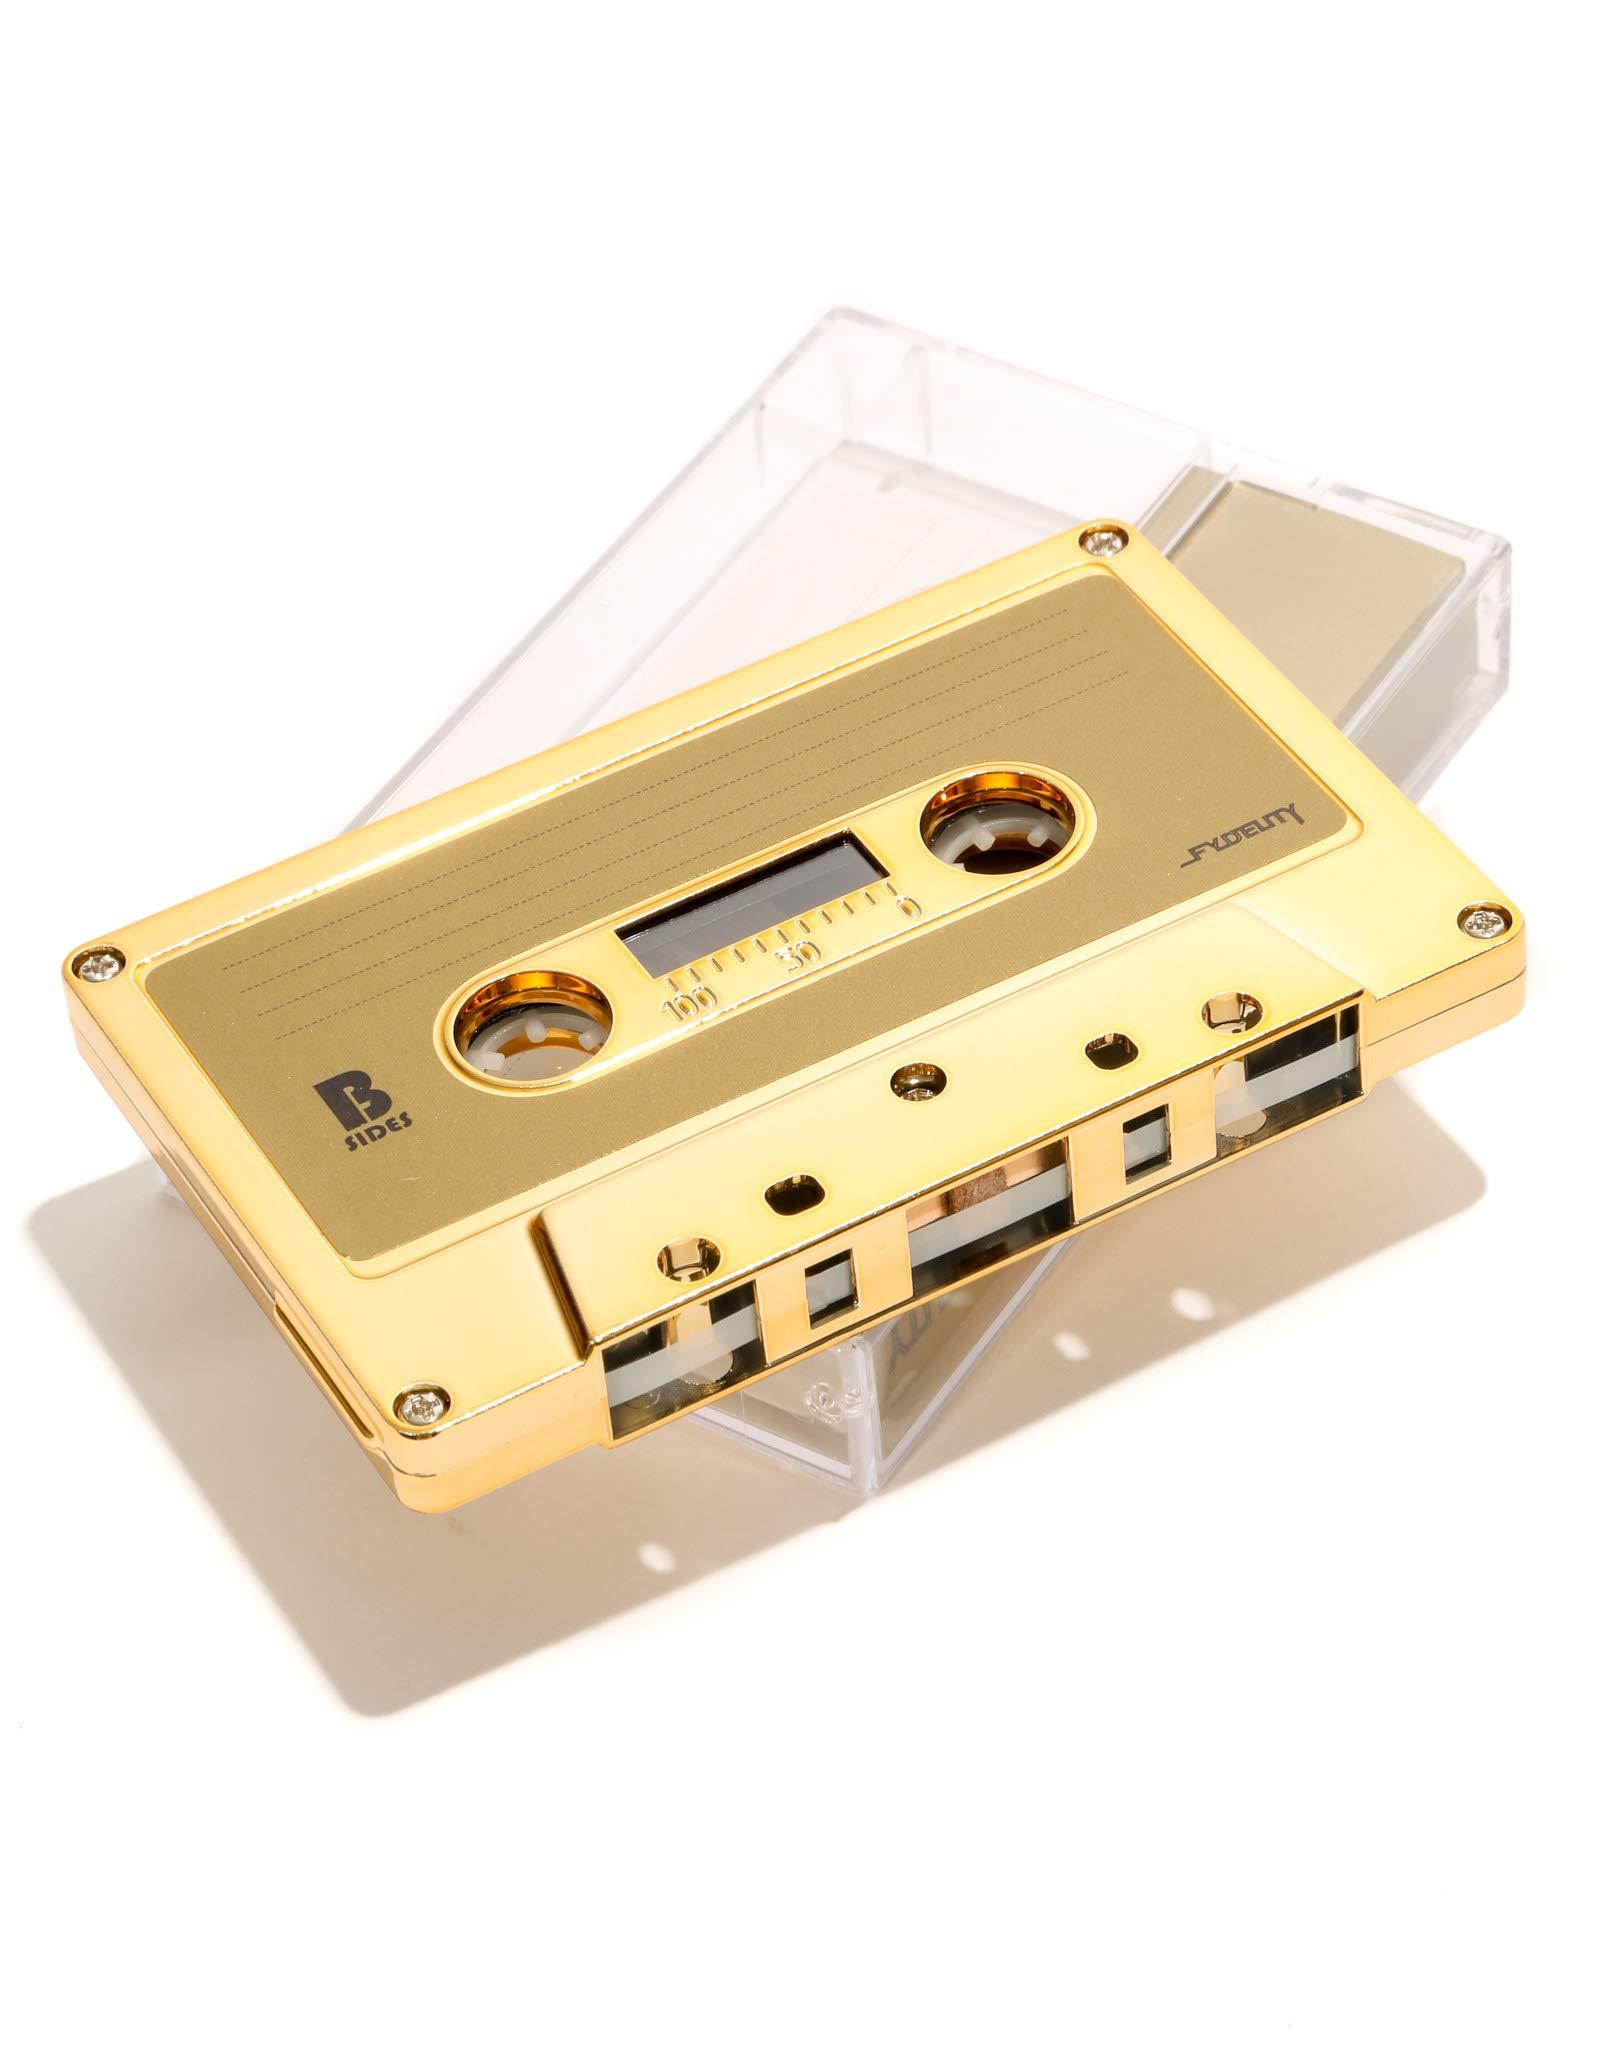 FYDELITY Blank Cassette Mixed Tape C-60 Audio 60-Min 10 Pack: Gold Chrome